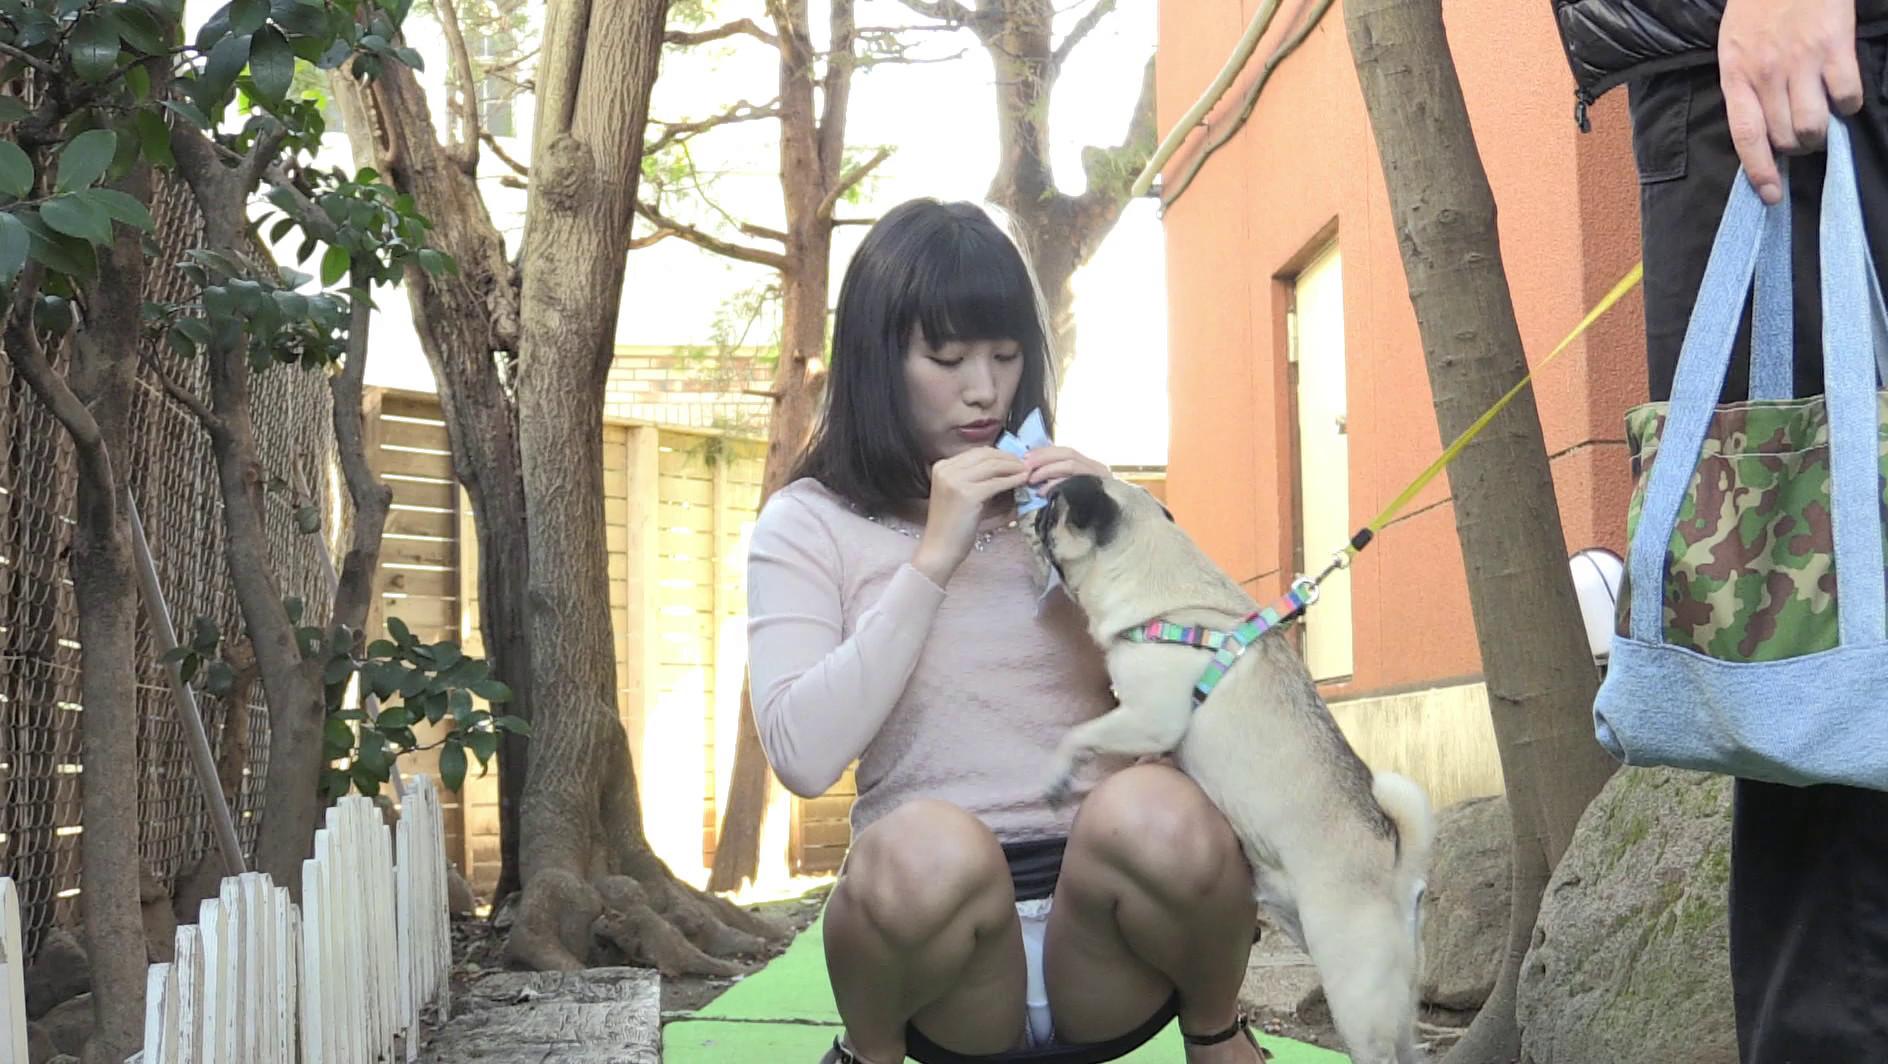 犬の散歩中「カワイイ」と集まってきた愛犬女子は犬とじゃれあううちに無意識でパンツ丸見え!ヤレルと思った僕はフル勃起、気が付いた女はもはやメロメロで狙い通り、公園のトイレや自宅で即ハメに成功です。 画像1